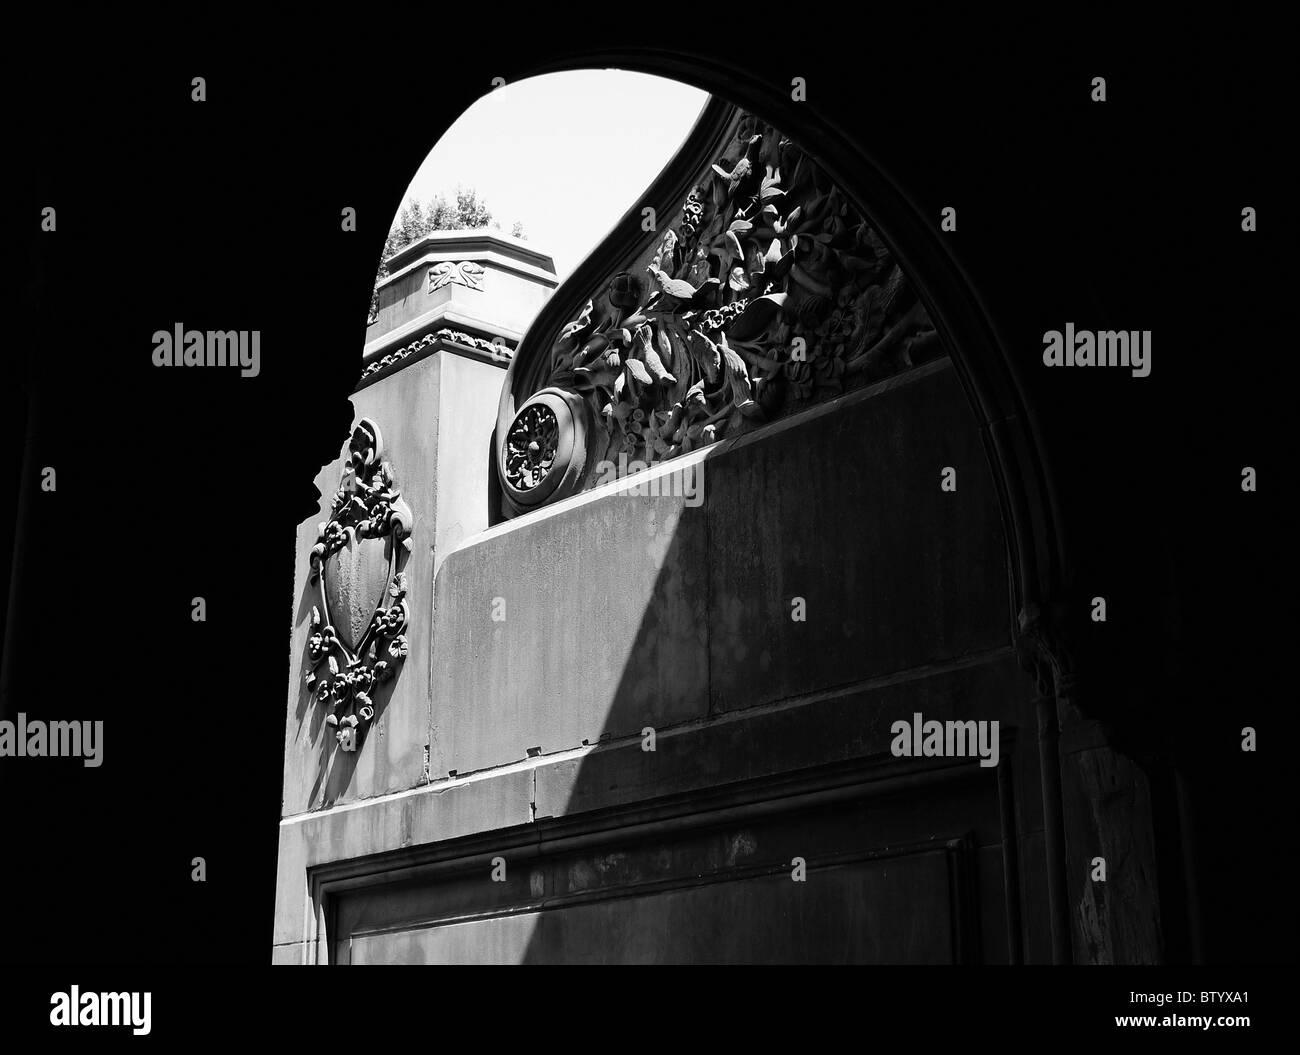 Historische, architektonische Details, Central Park, New York City. Stockbild